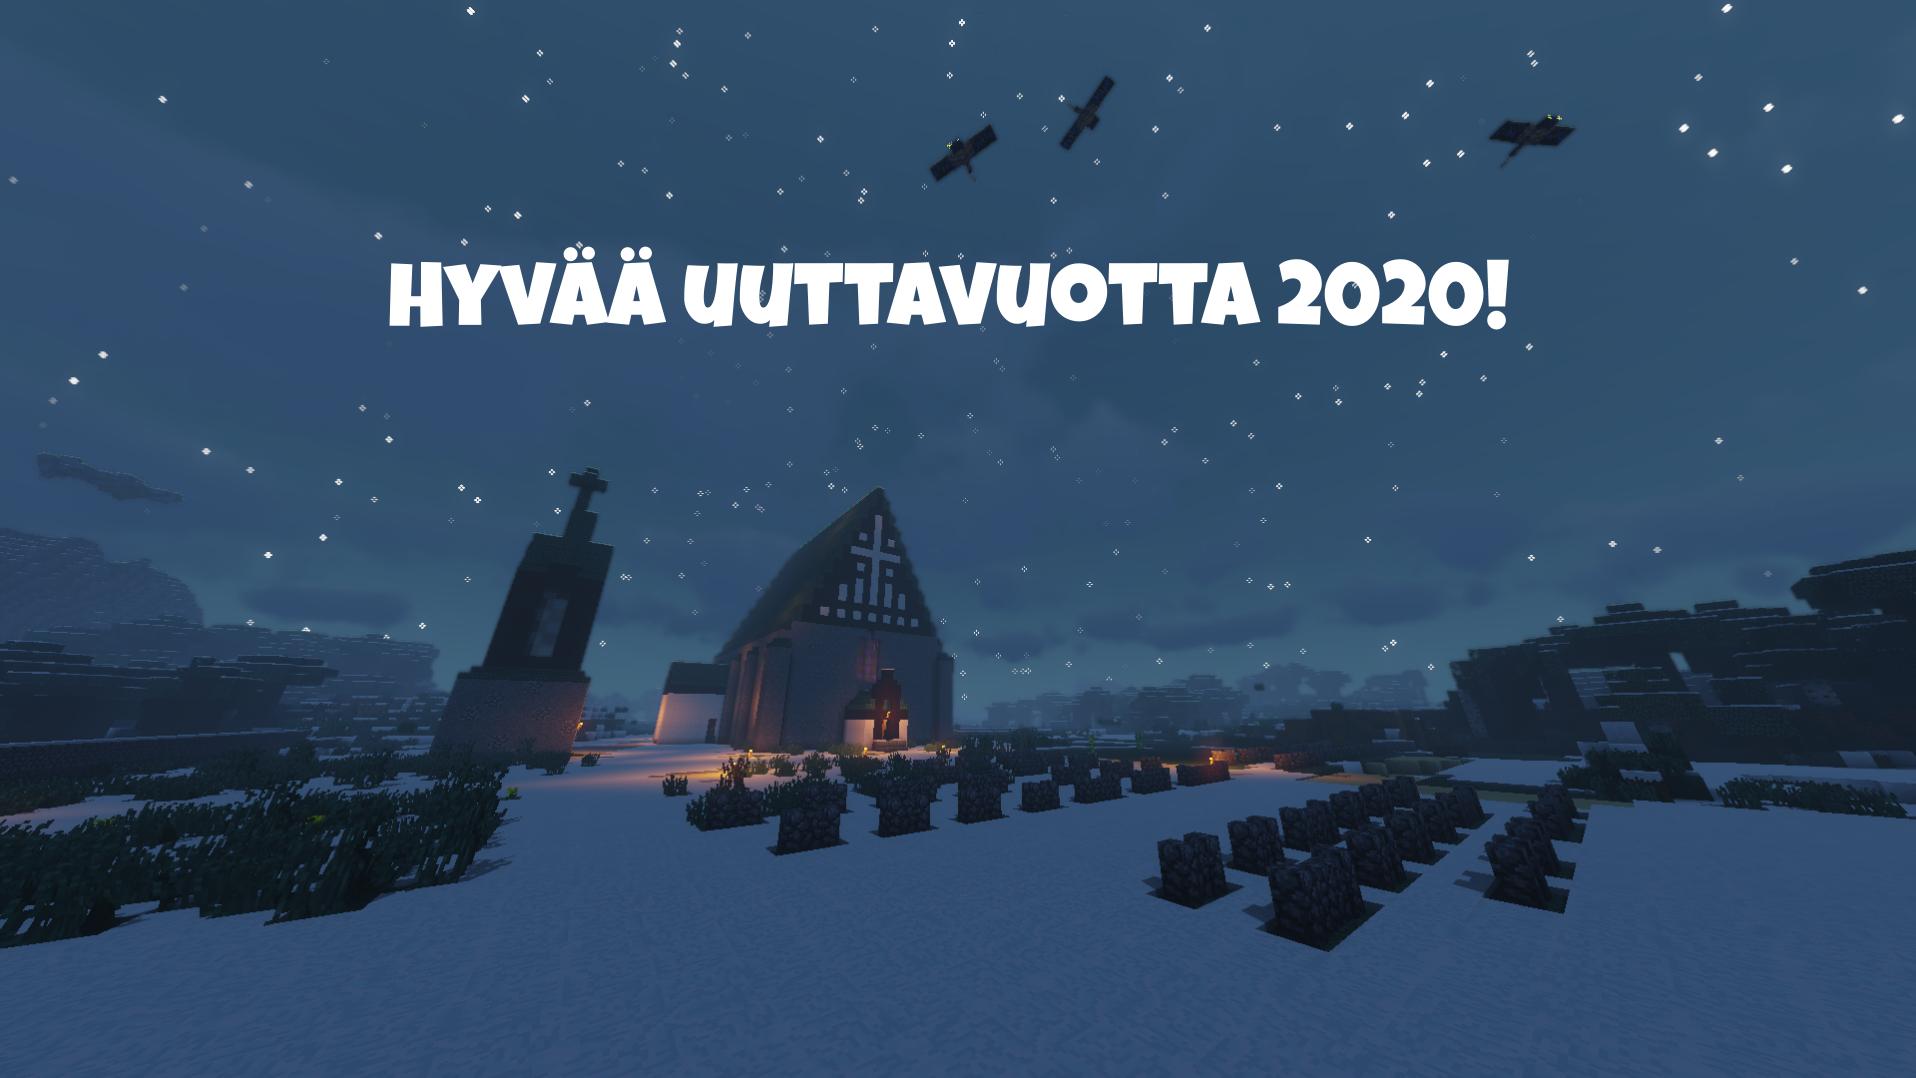 Hyvää uutta vuotta 2020. Kirkko ja luminen maisema.